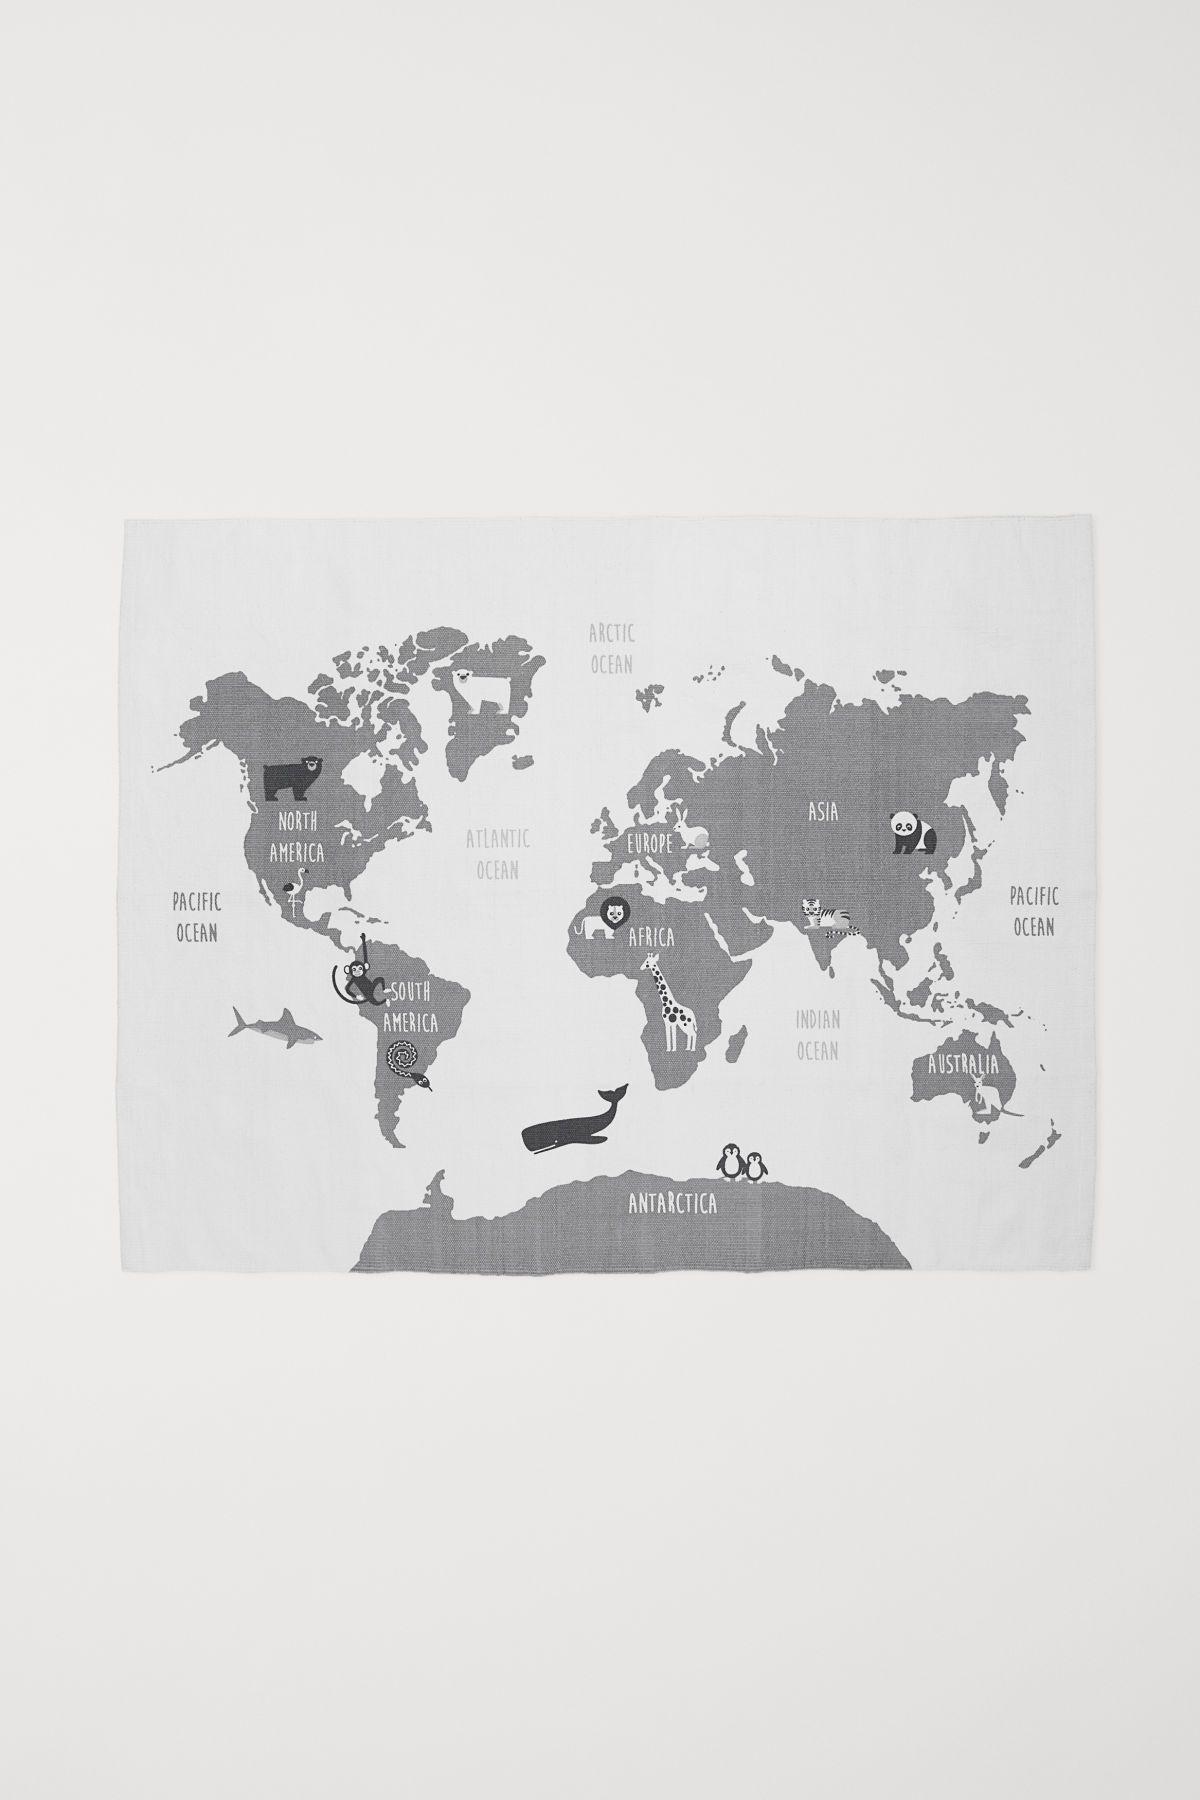 Weiß Landkarte Baumwollteppich mit Motivdruck auf der Oberseite